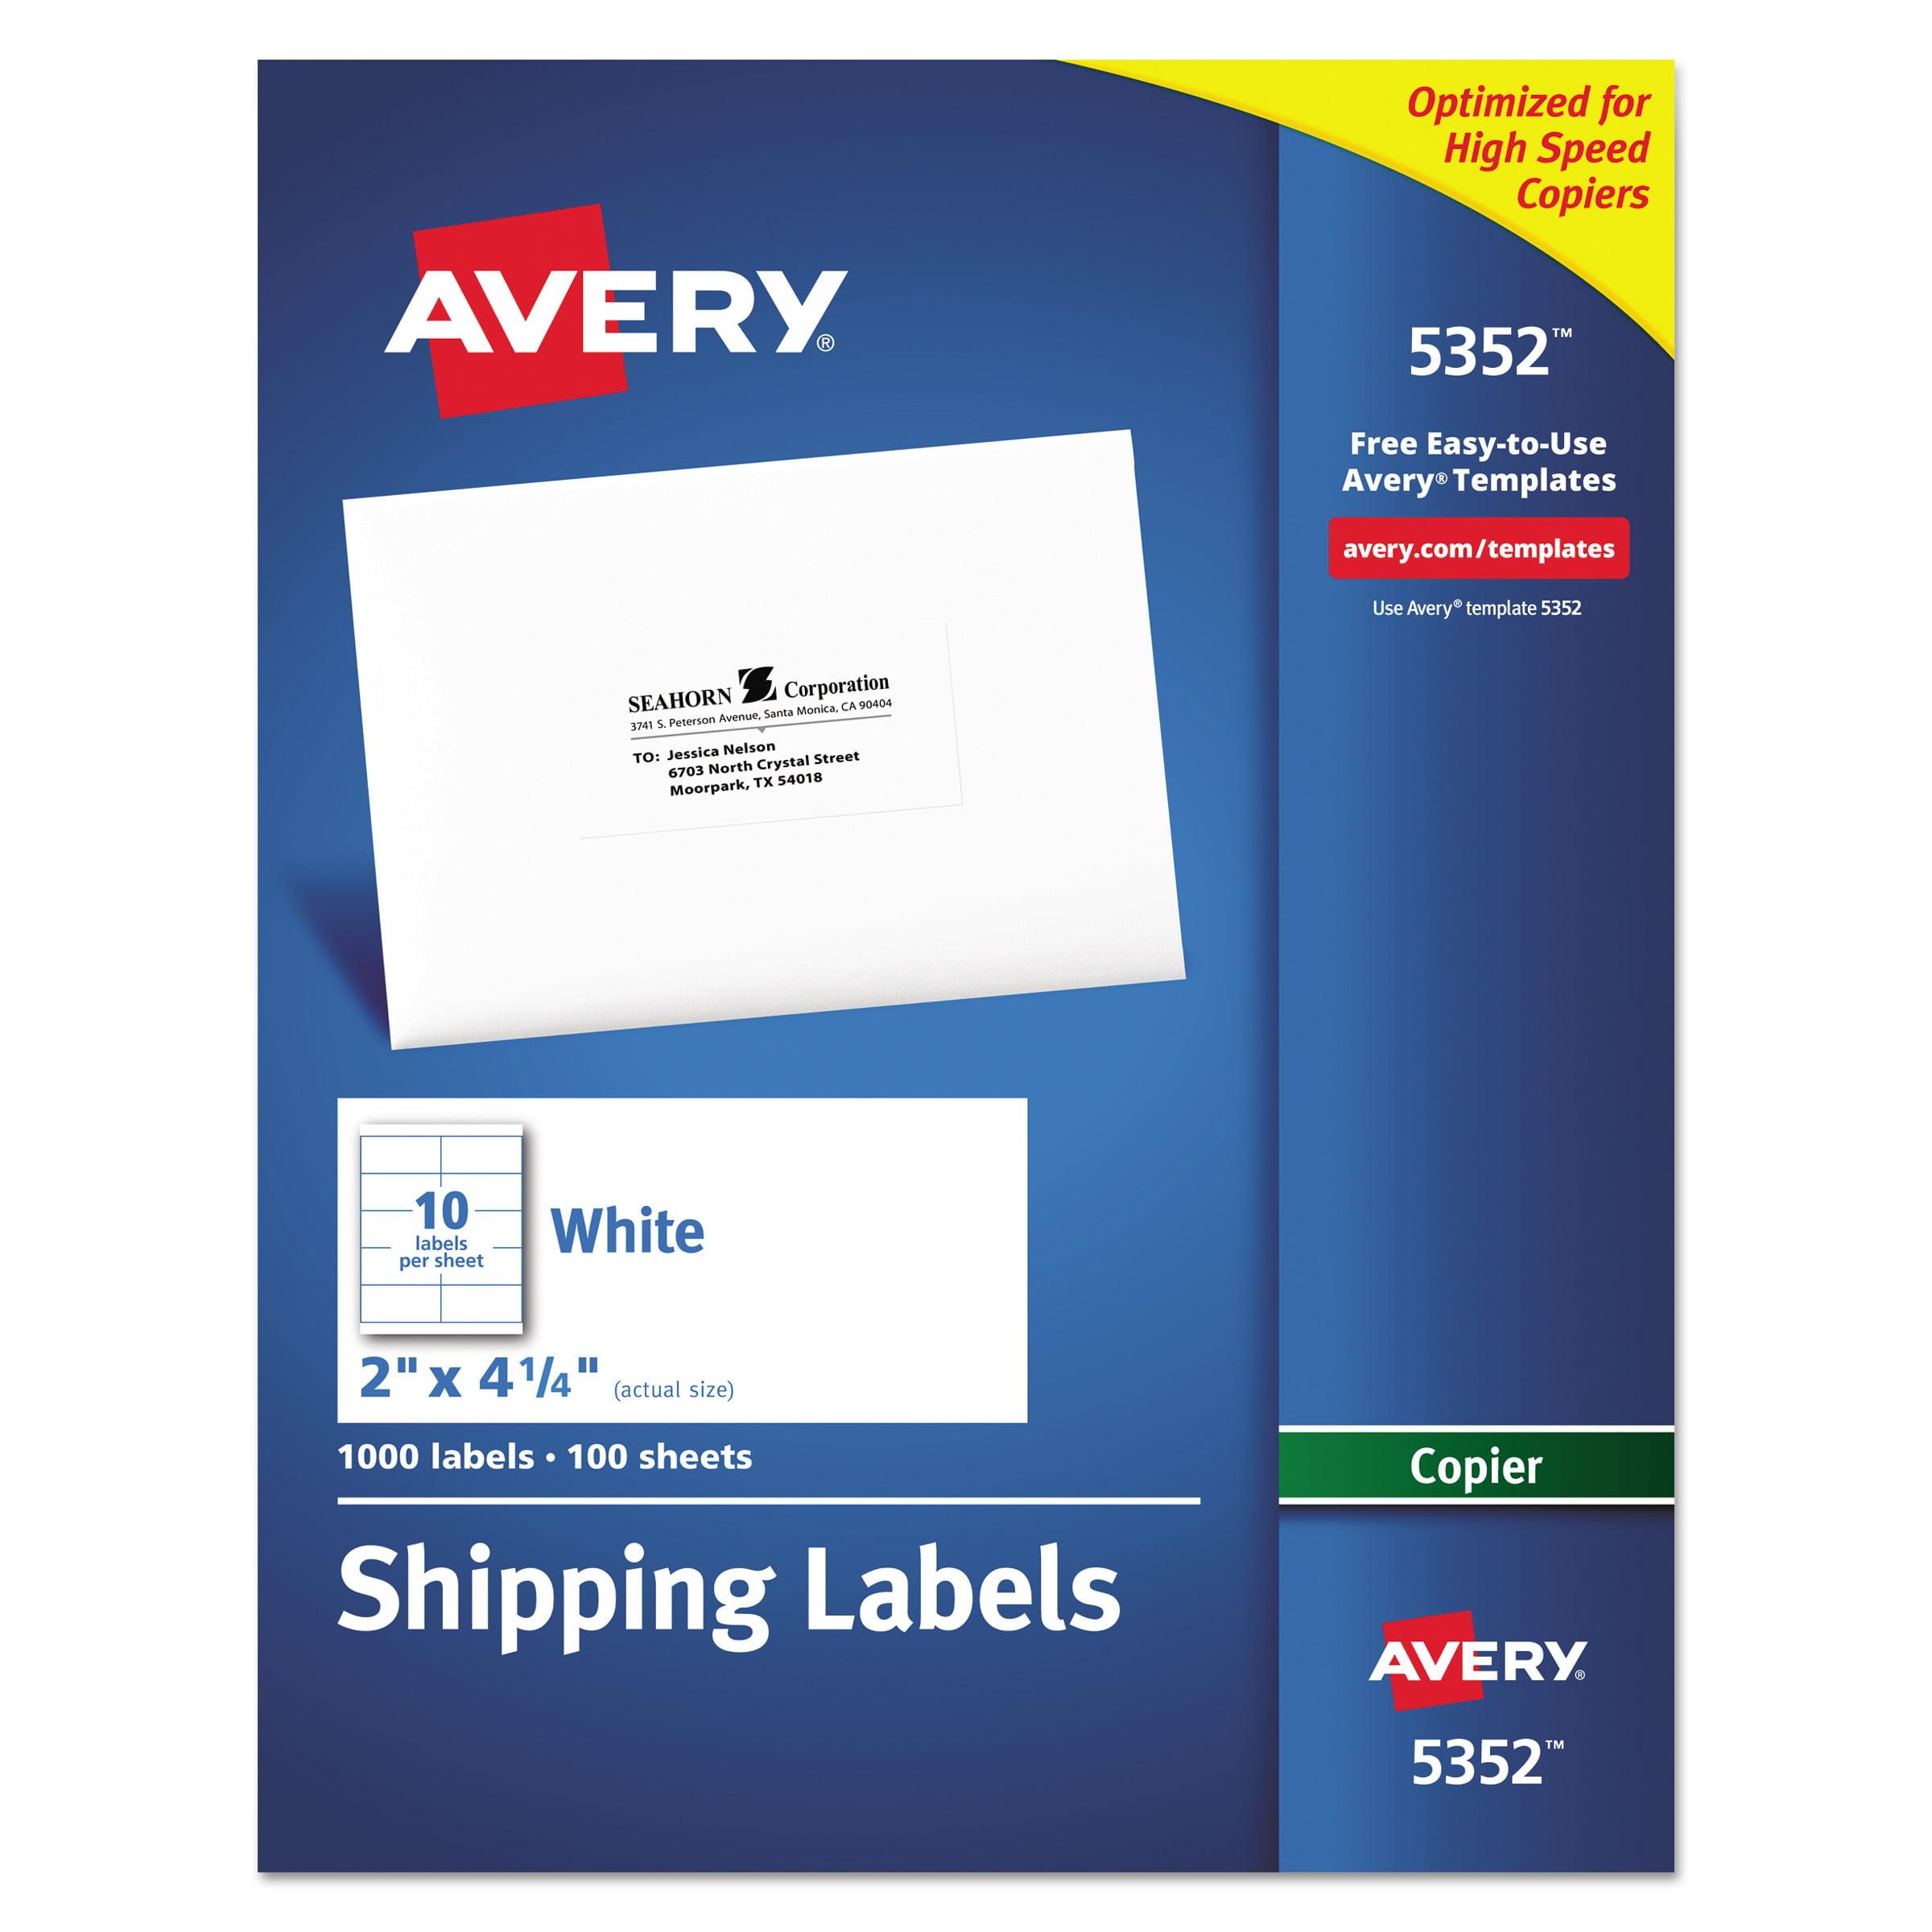 Avery Copier Shipping Labels 2 X 4 14 White 1000box Walmart